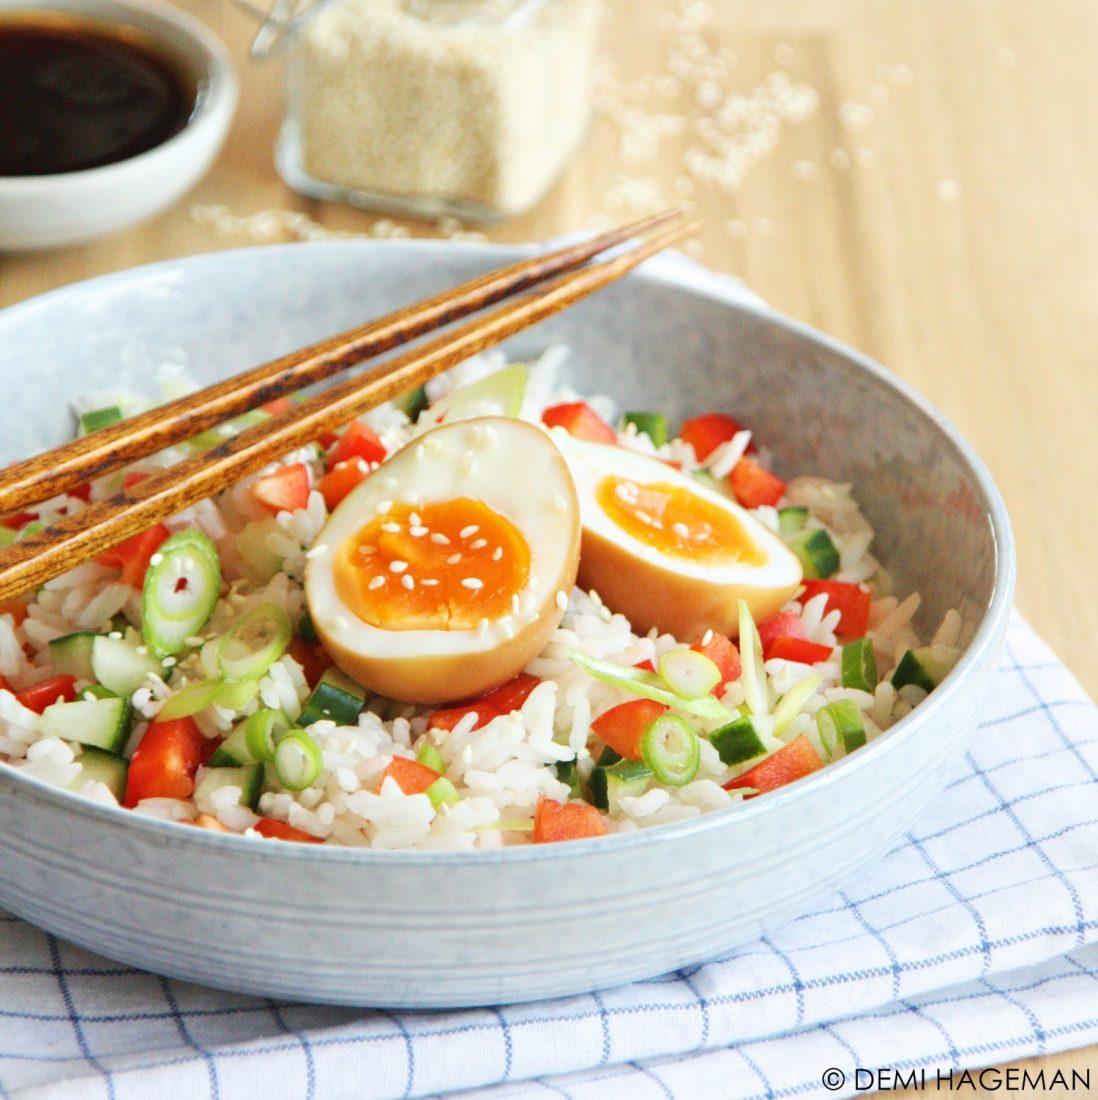 oosterse rijstsalade met een gemarineerd ei